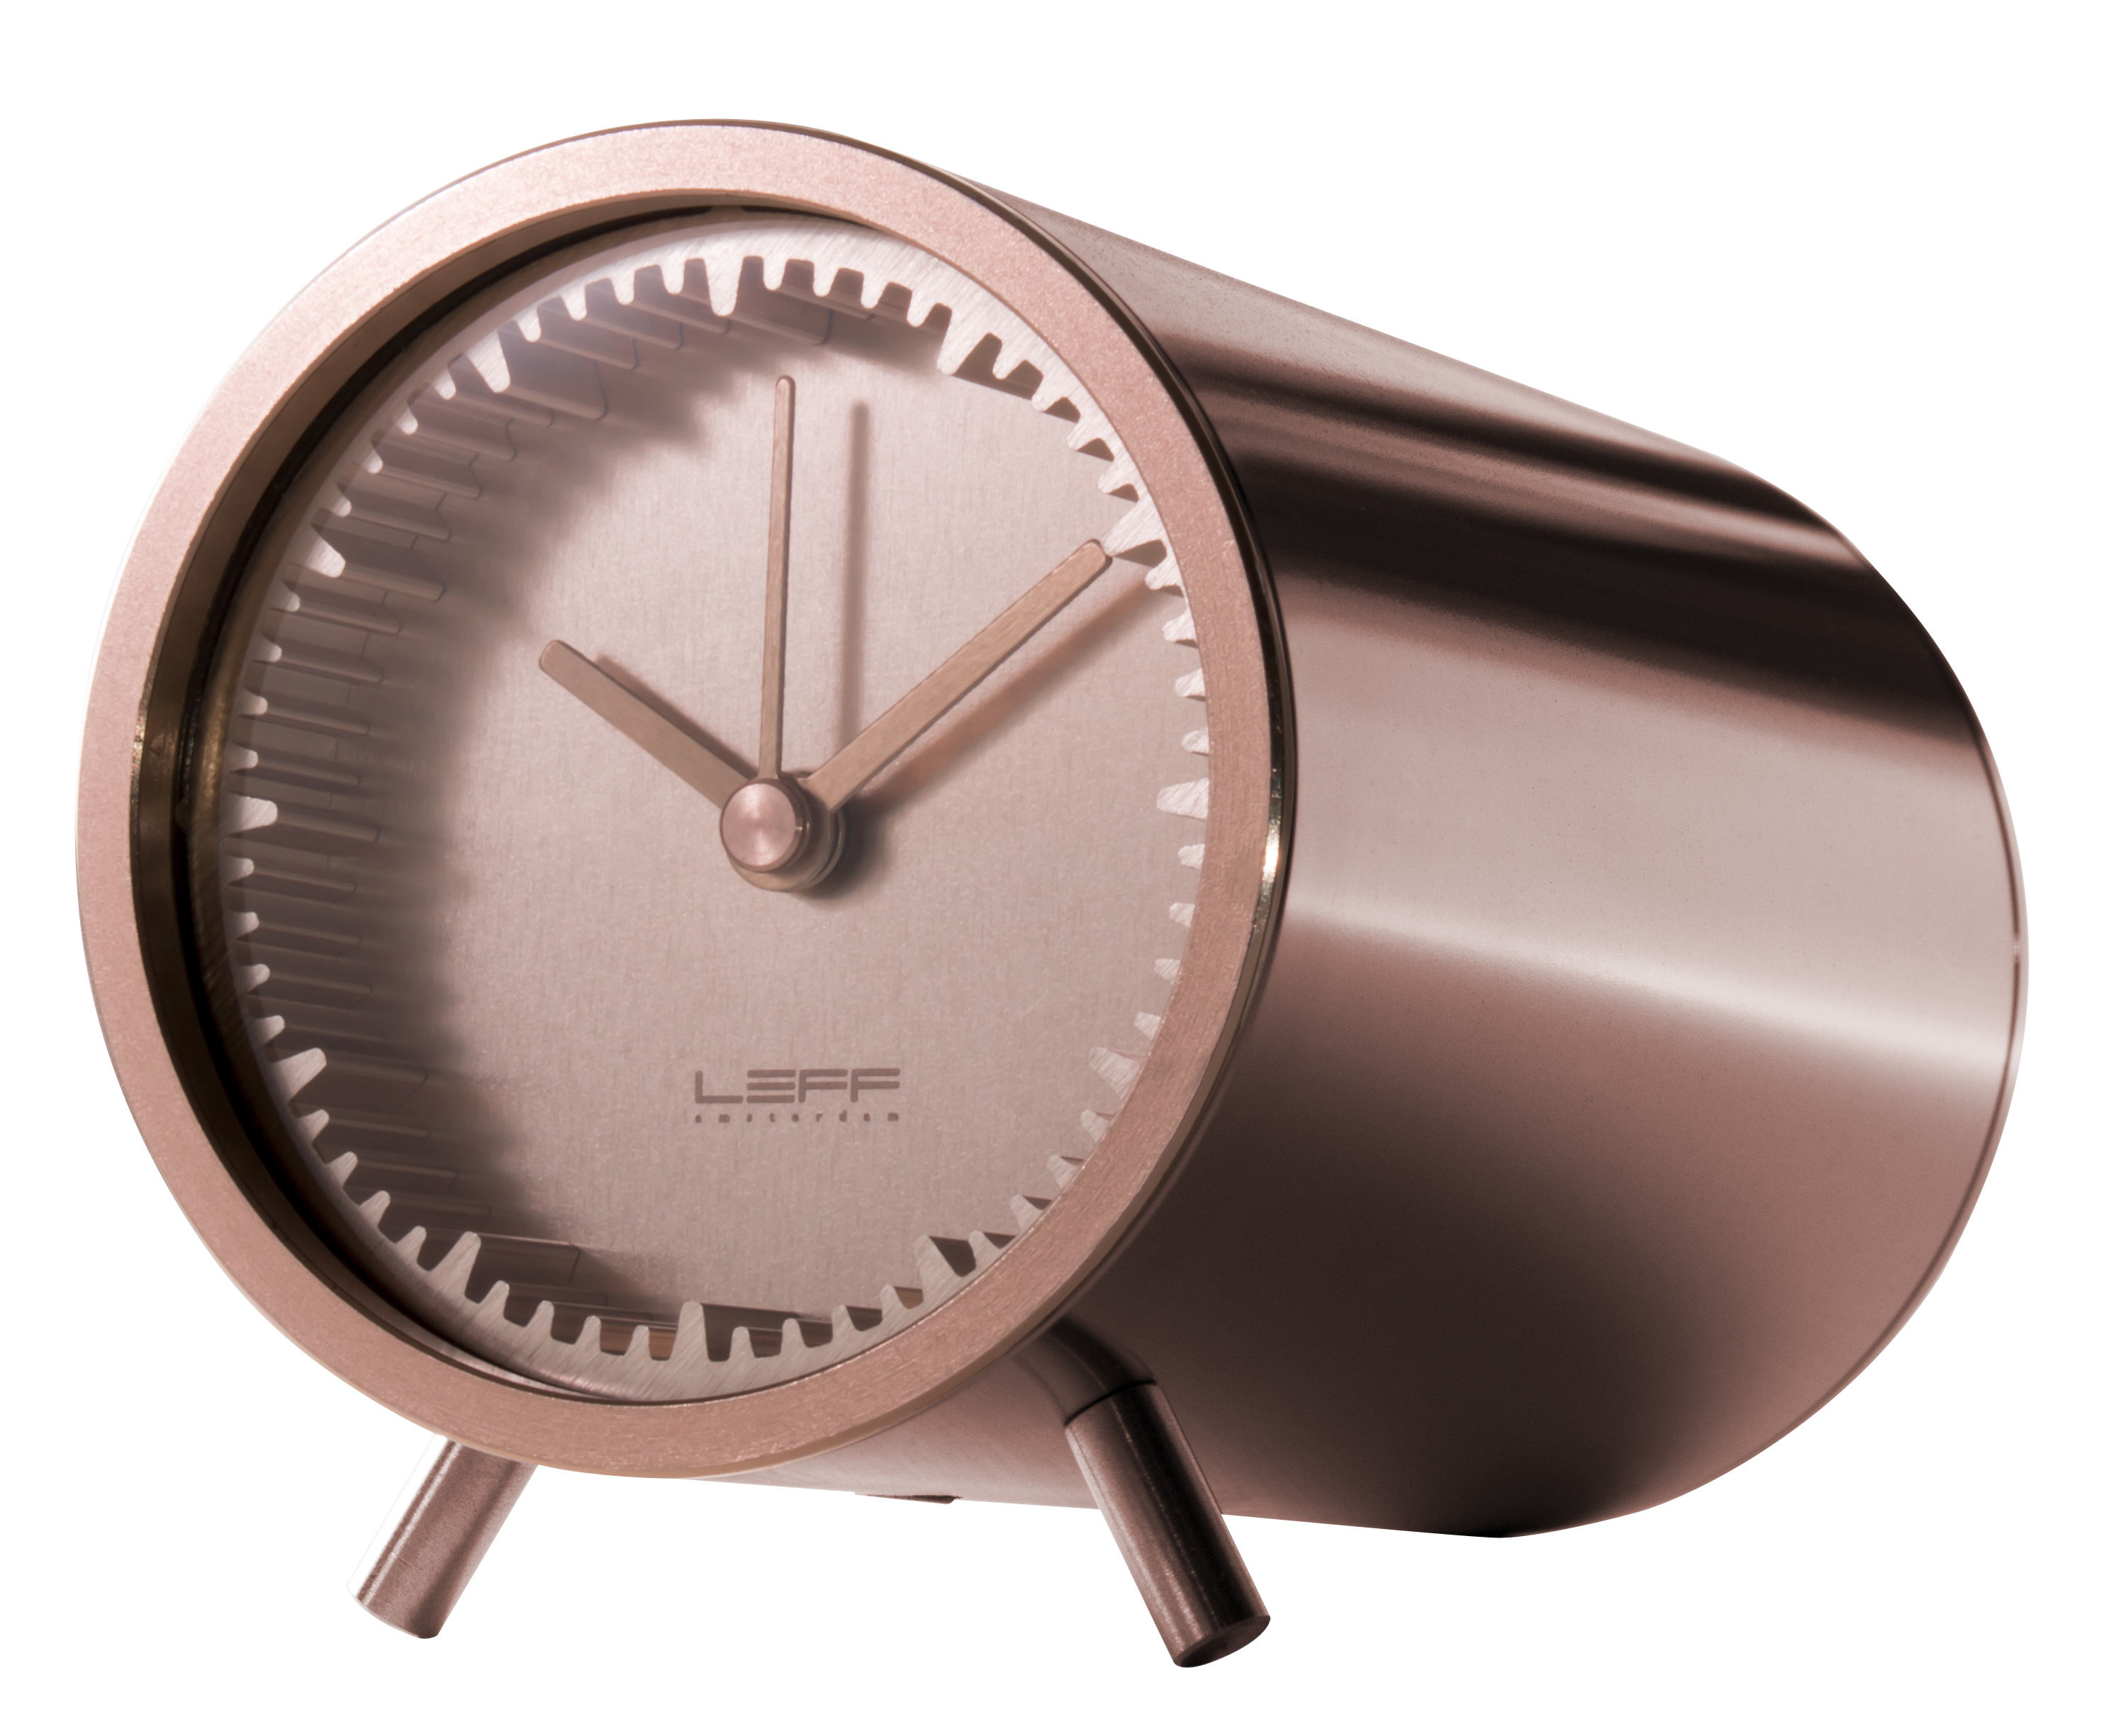 horloge poser tube 5 cm cuivre leff amsterdam. Black Bedroom Furniture Sets. Home Design Ideas